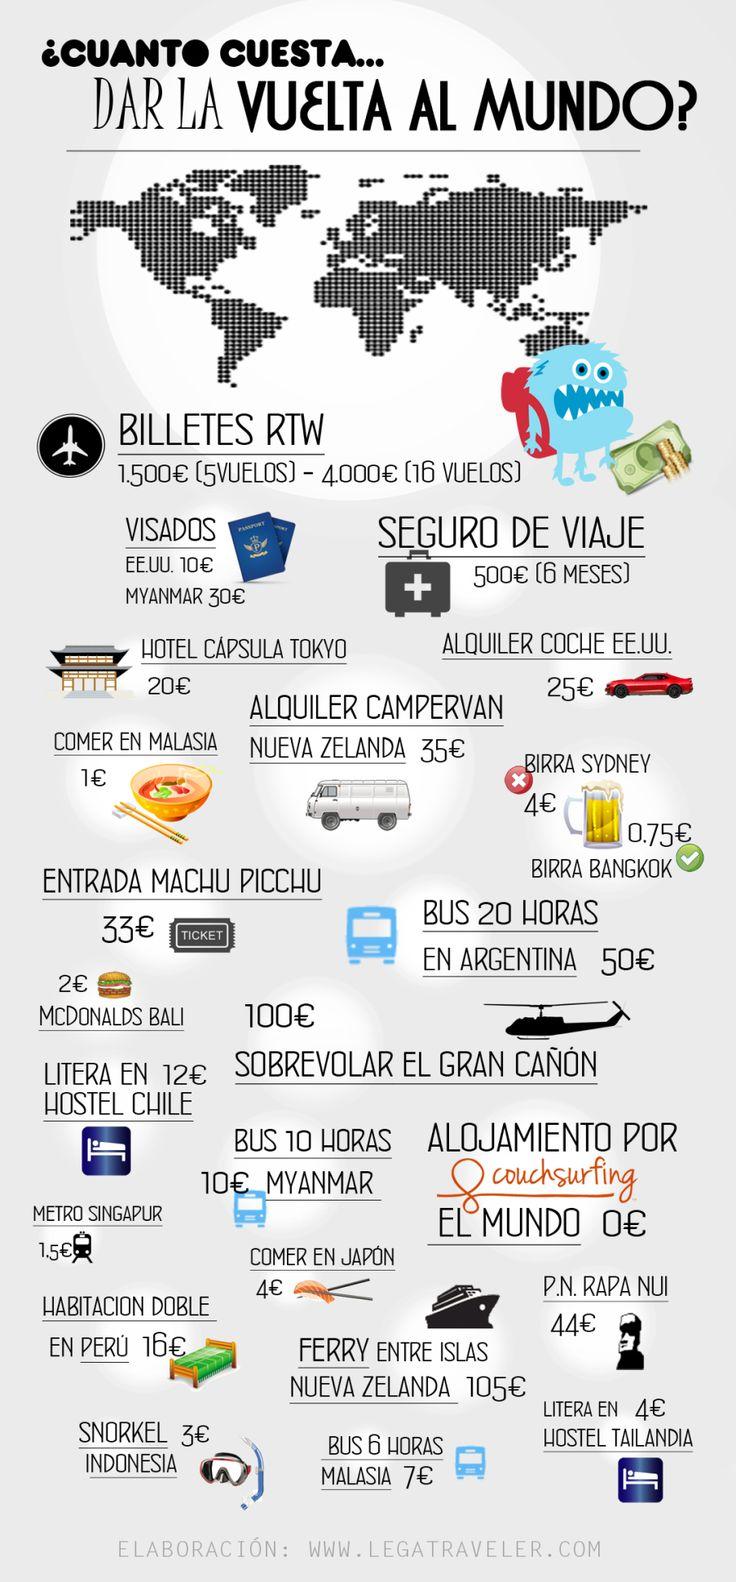 Cuánto cuesta dar la vuelta al Mundo #infografia